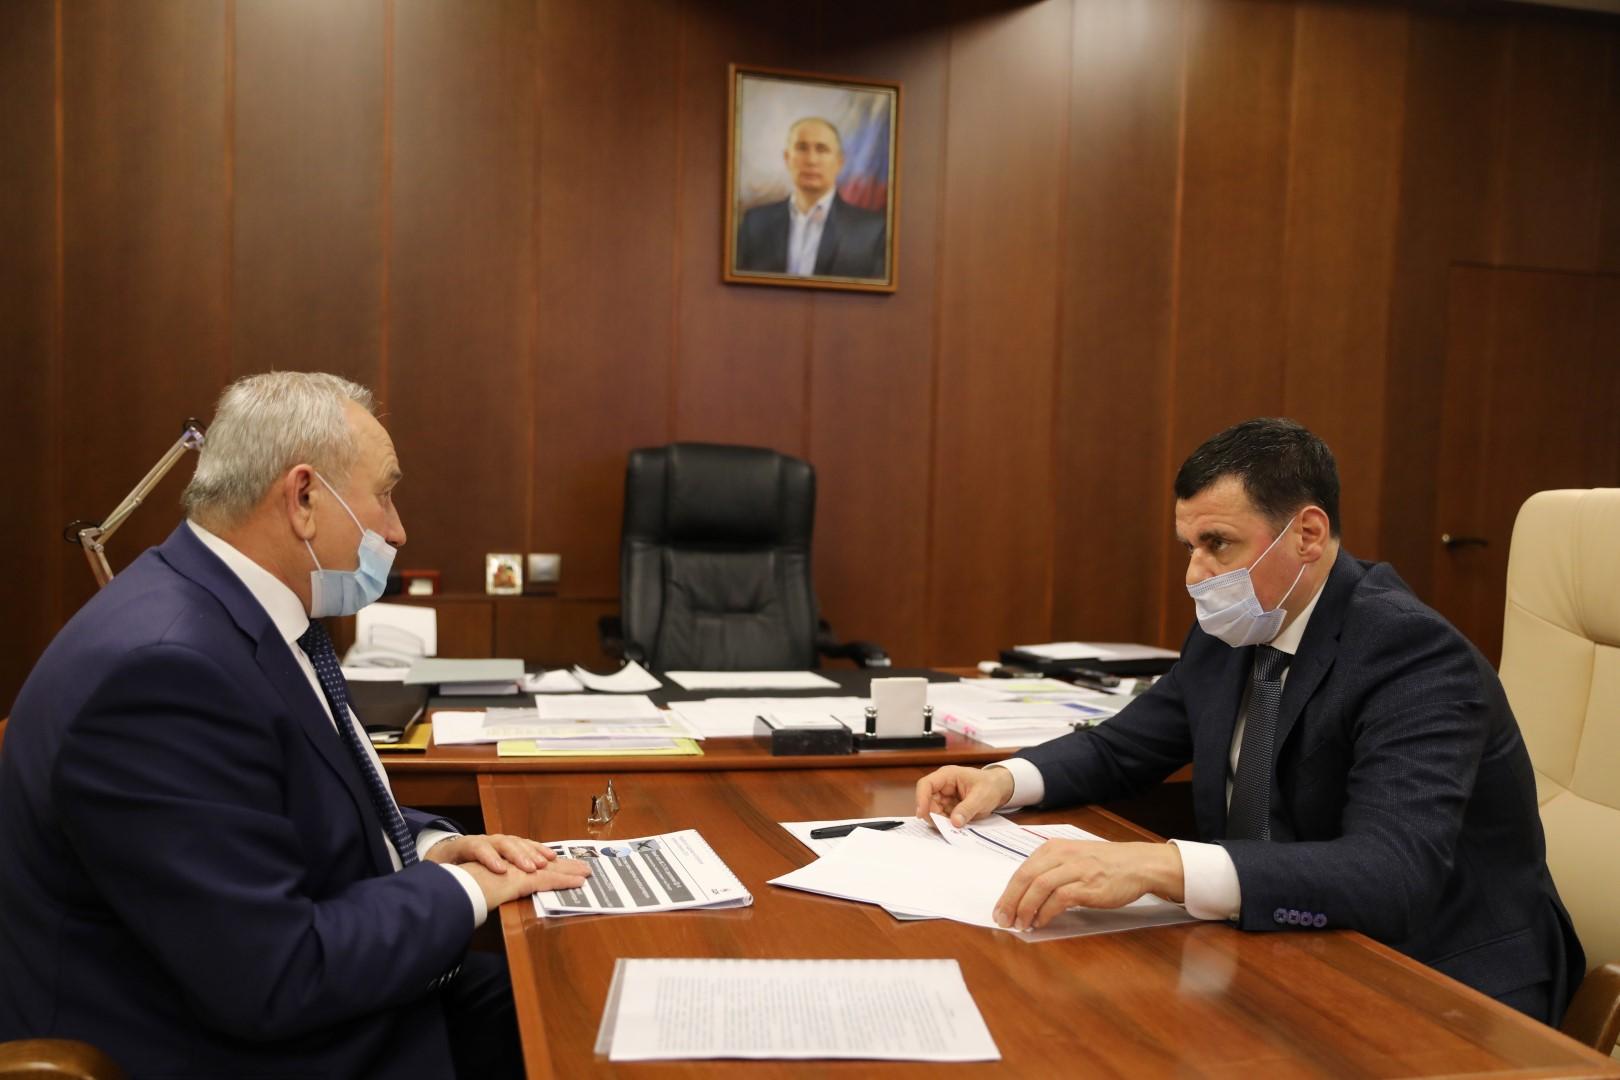 Дмитрий Миронов обсудил с управляющим директором «ОДК-Сатурн» перспективы развития предприятия